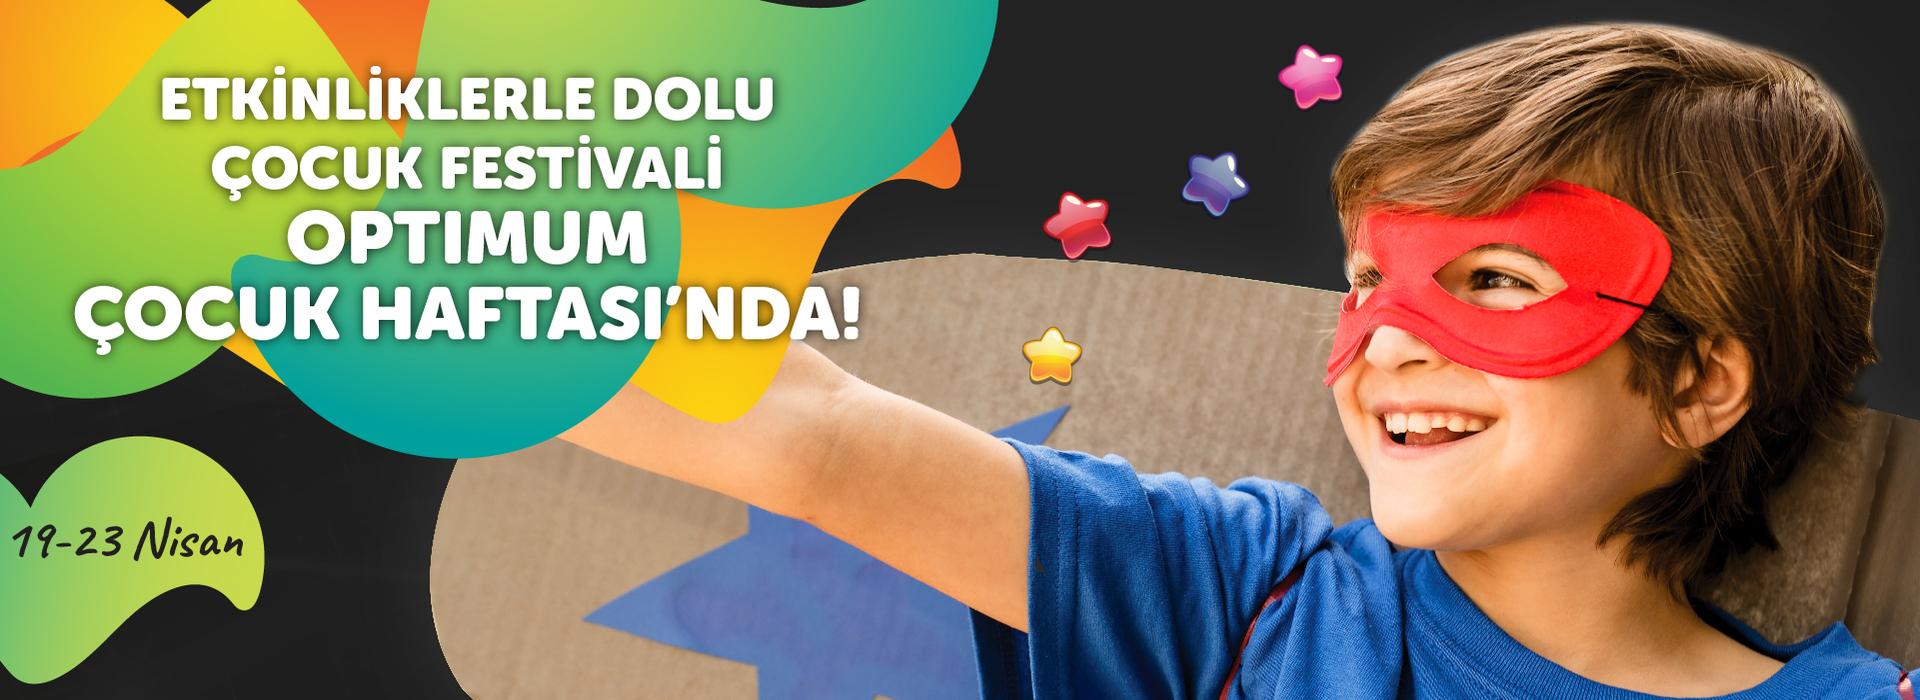 Etkinliklerle Dolu Çocuk Festivali Optimum Çocuk Haftası'nda!